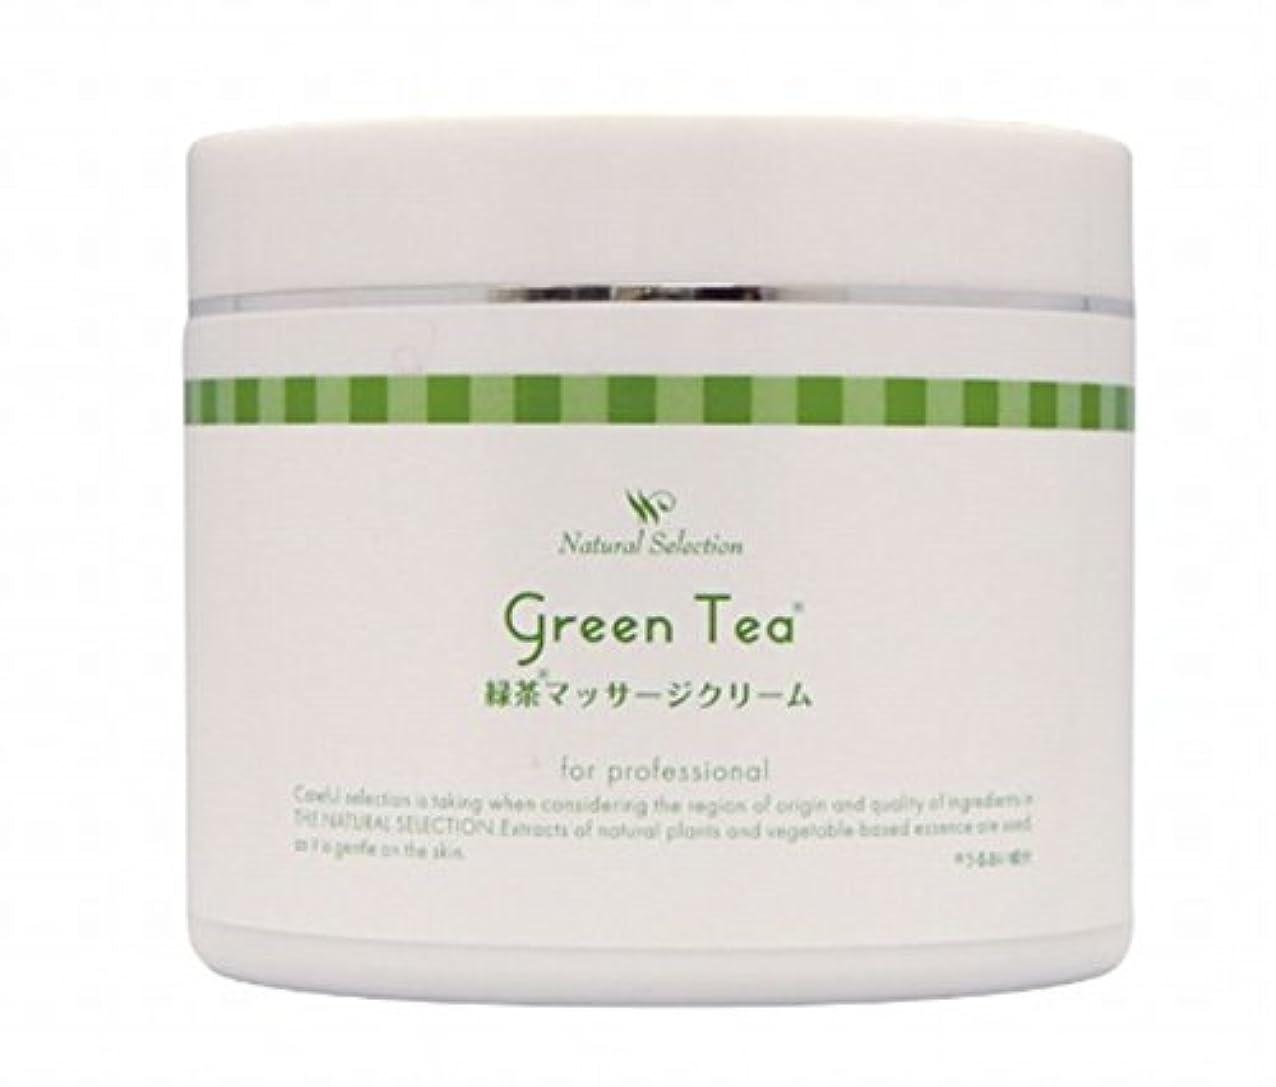 ダイジェスト強化する鋭く緑茶マッサージクリーム(450g)【フットマッサージ】足もみクリーム